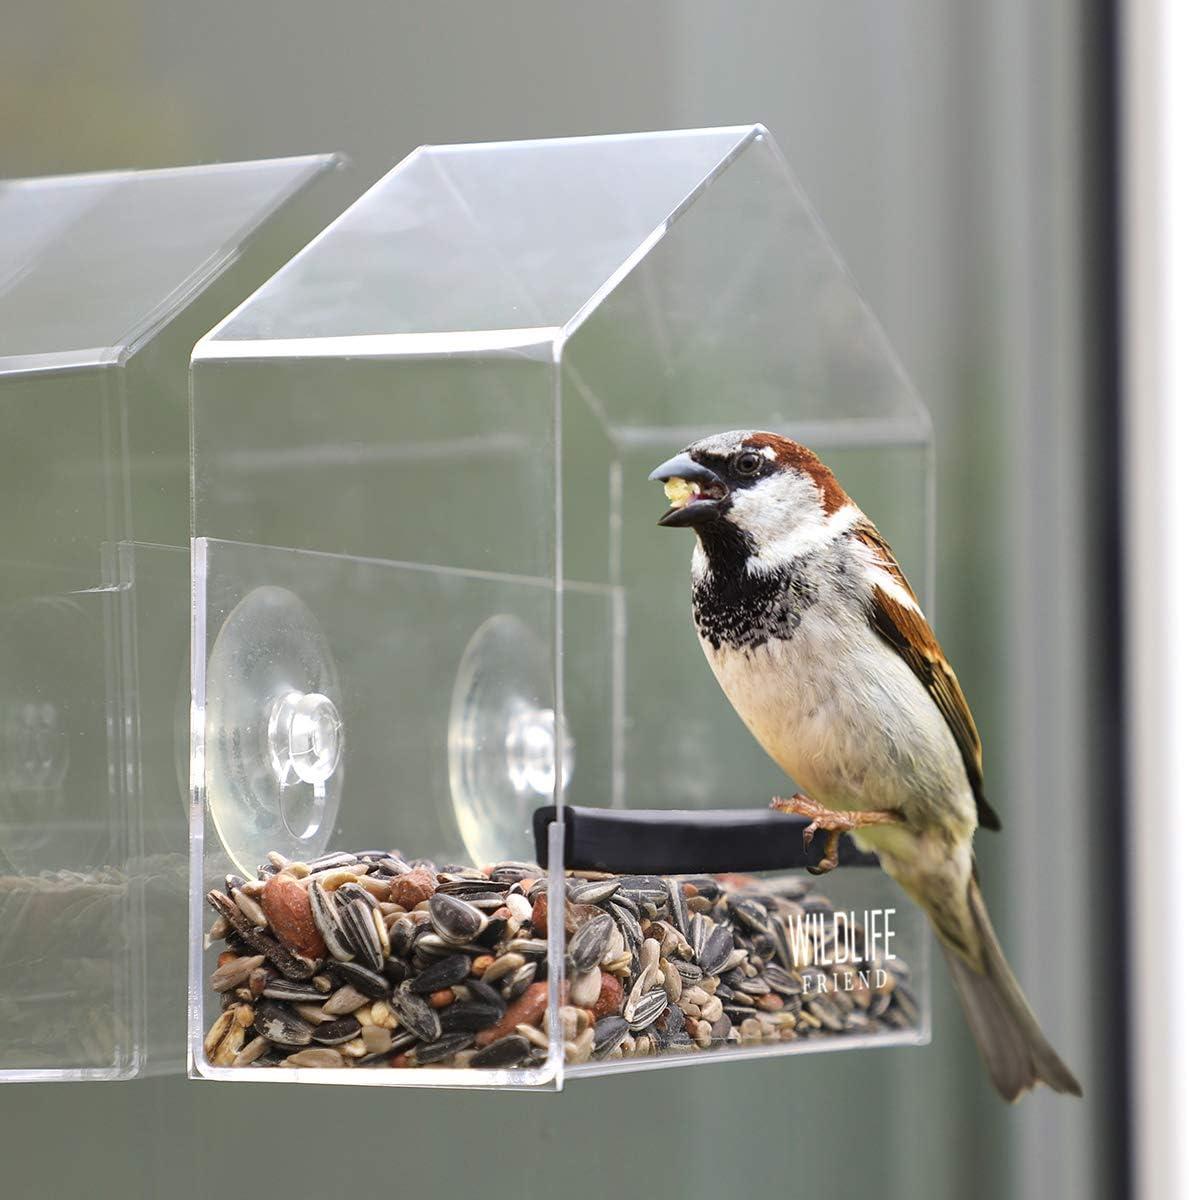 mangiatoia per uccelli passerelle e piccoli uccelli selvatici mangiatoia per uccelli mangiatoia per uccelli in acrilico trasparente con ventose Wildlife Friend Smart mangiatoia